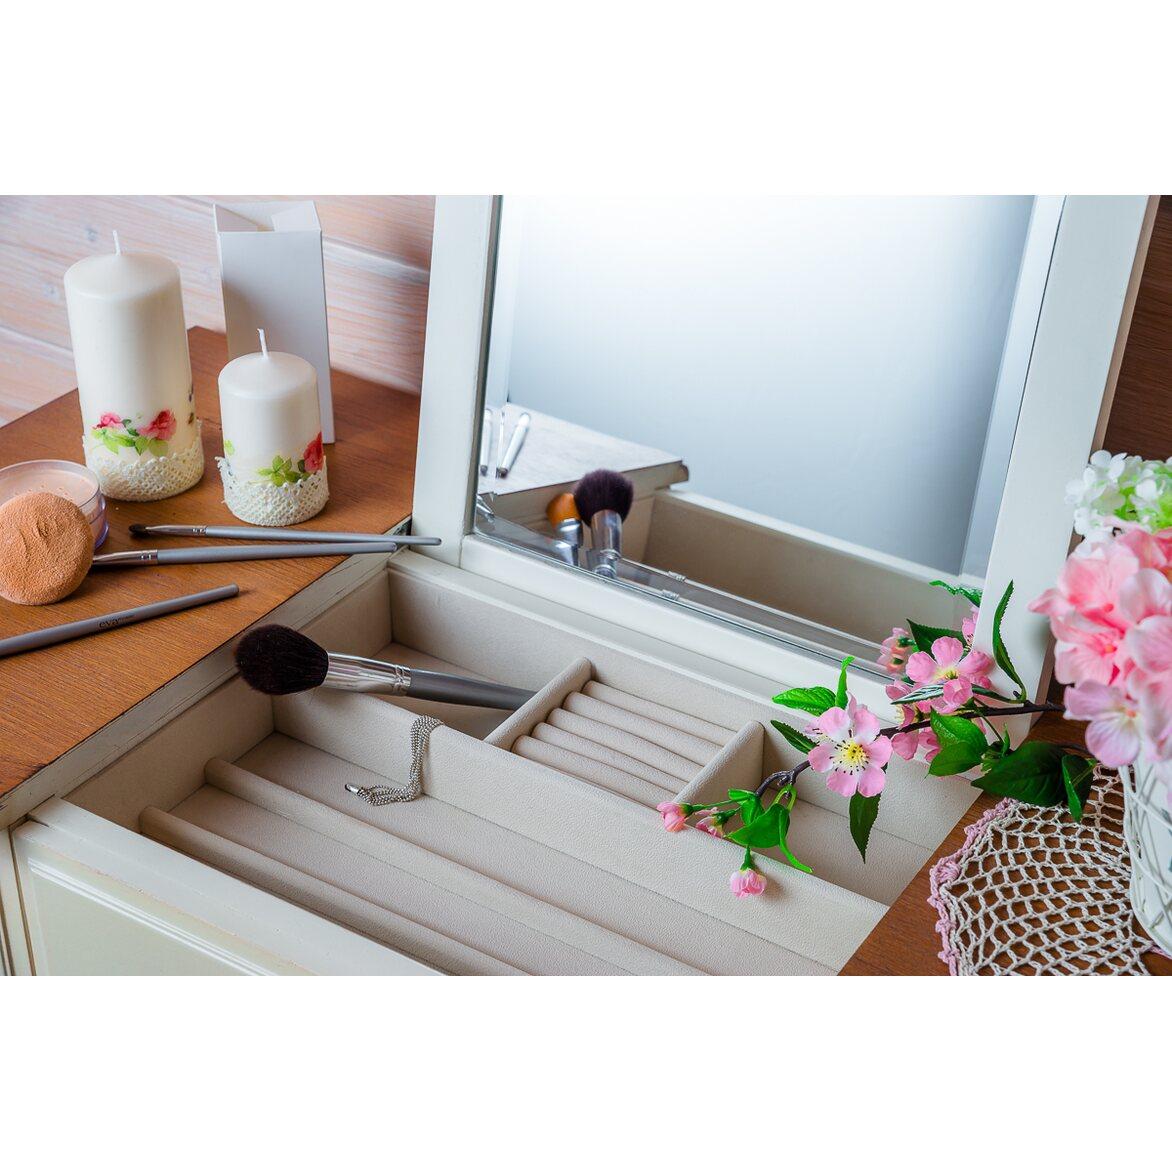 Туалетный столик с зеркалом Leontina, бежевого цвета 2   Туалетные столики Kingsby